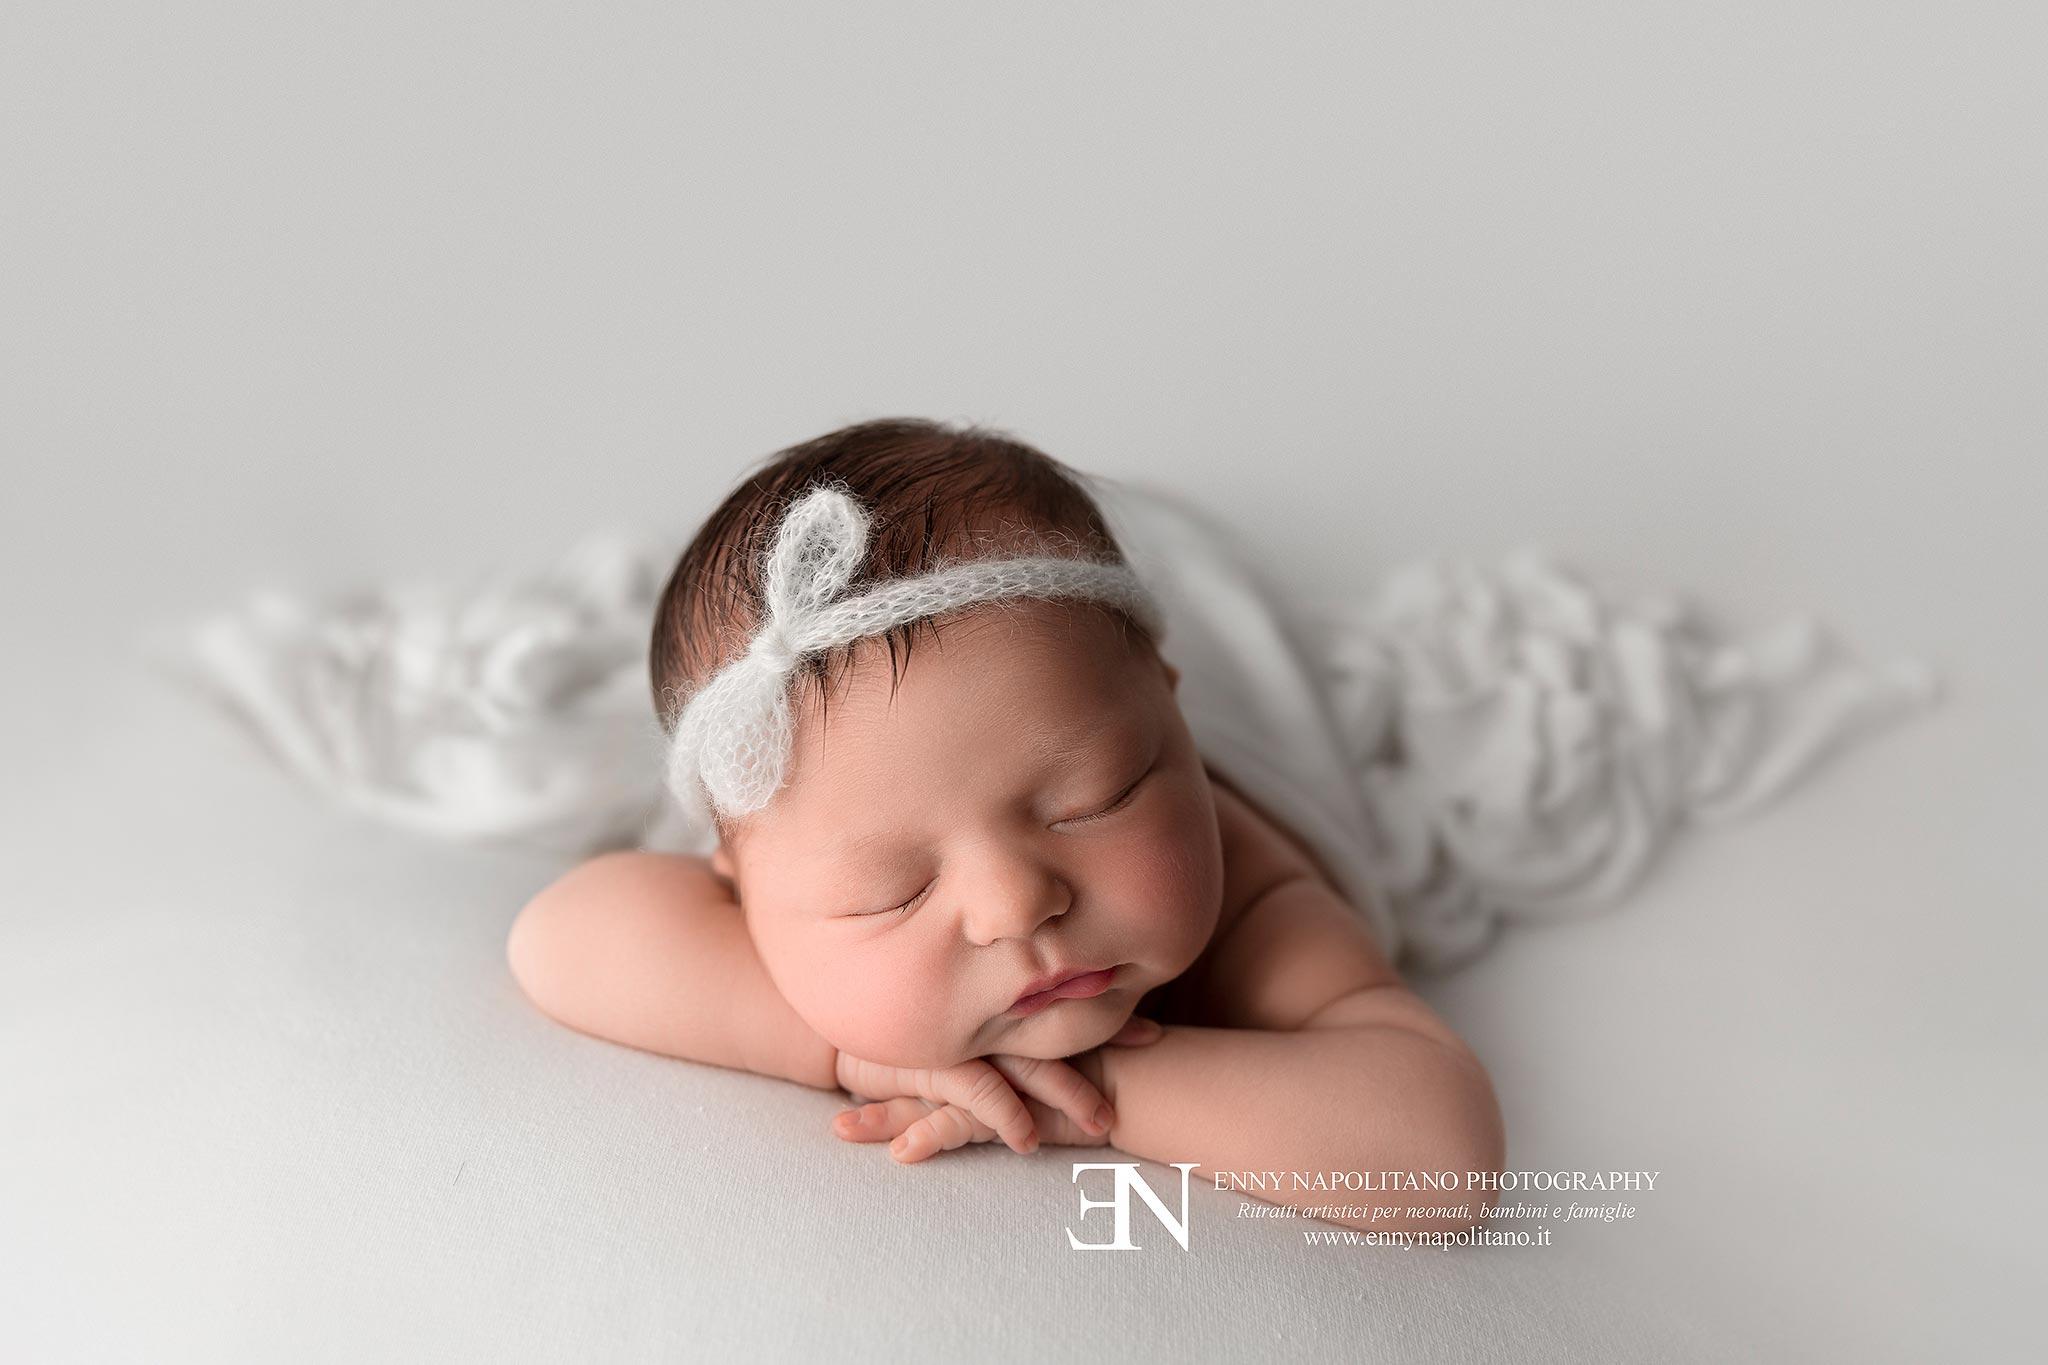 fotografo newborn Milano, Pavia, Monza, Bergamo, Brescia